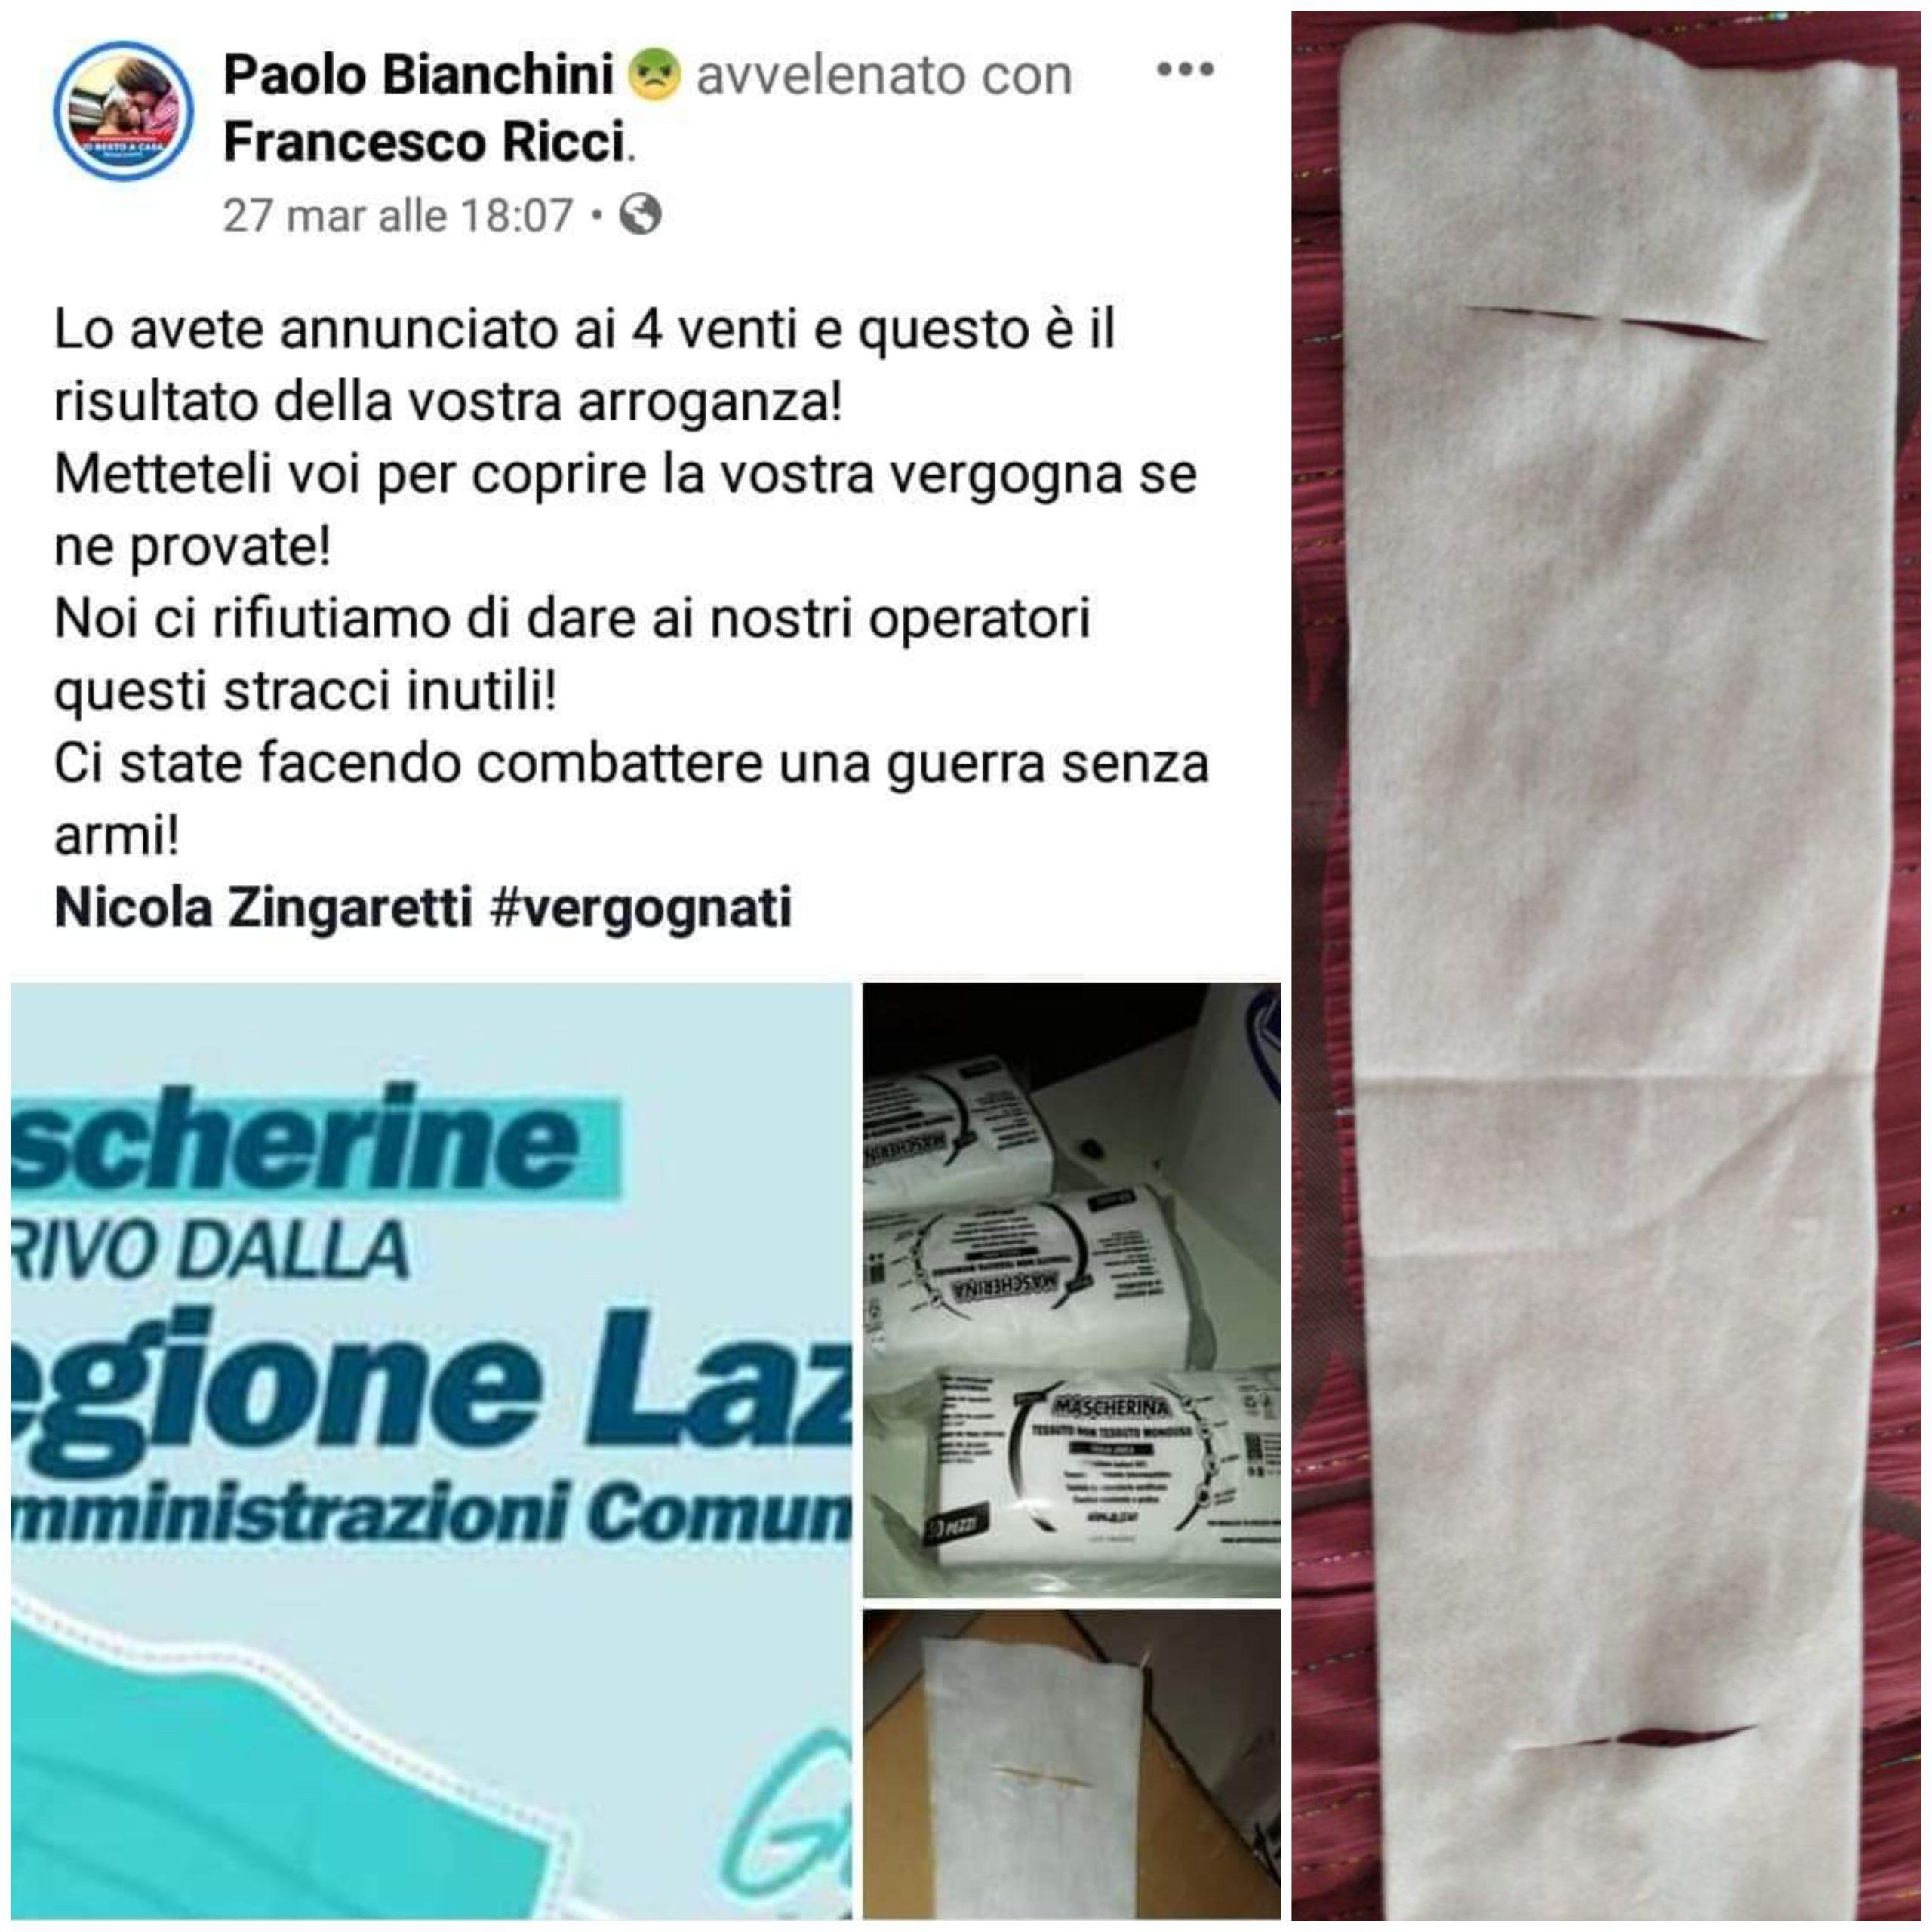 Viterbo, Coronavirus, mascherine, se la Regione Lazio sbaglia, il Comune persevera diabolicamente e Bianchini non s'indigna più, perchè?